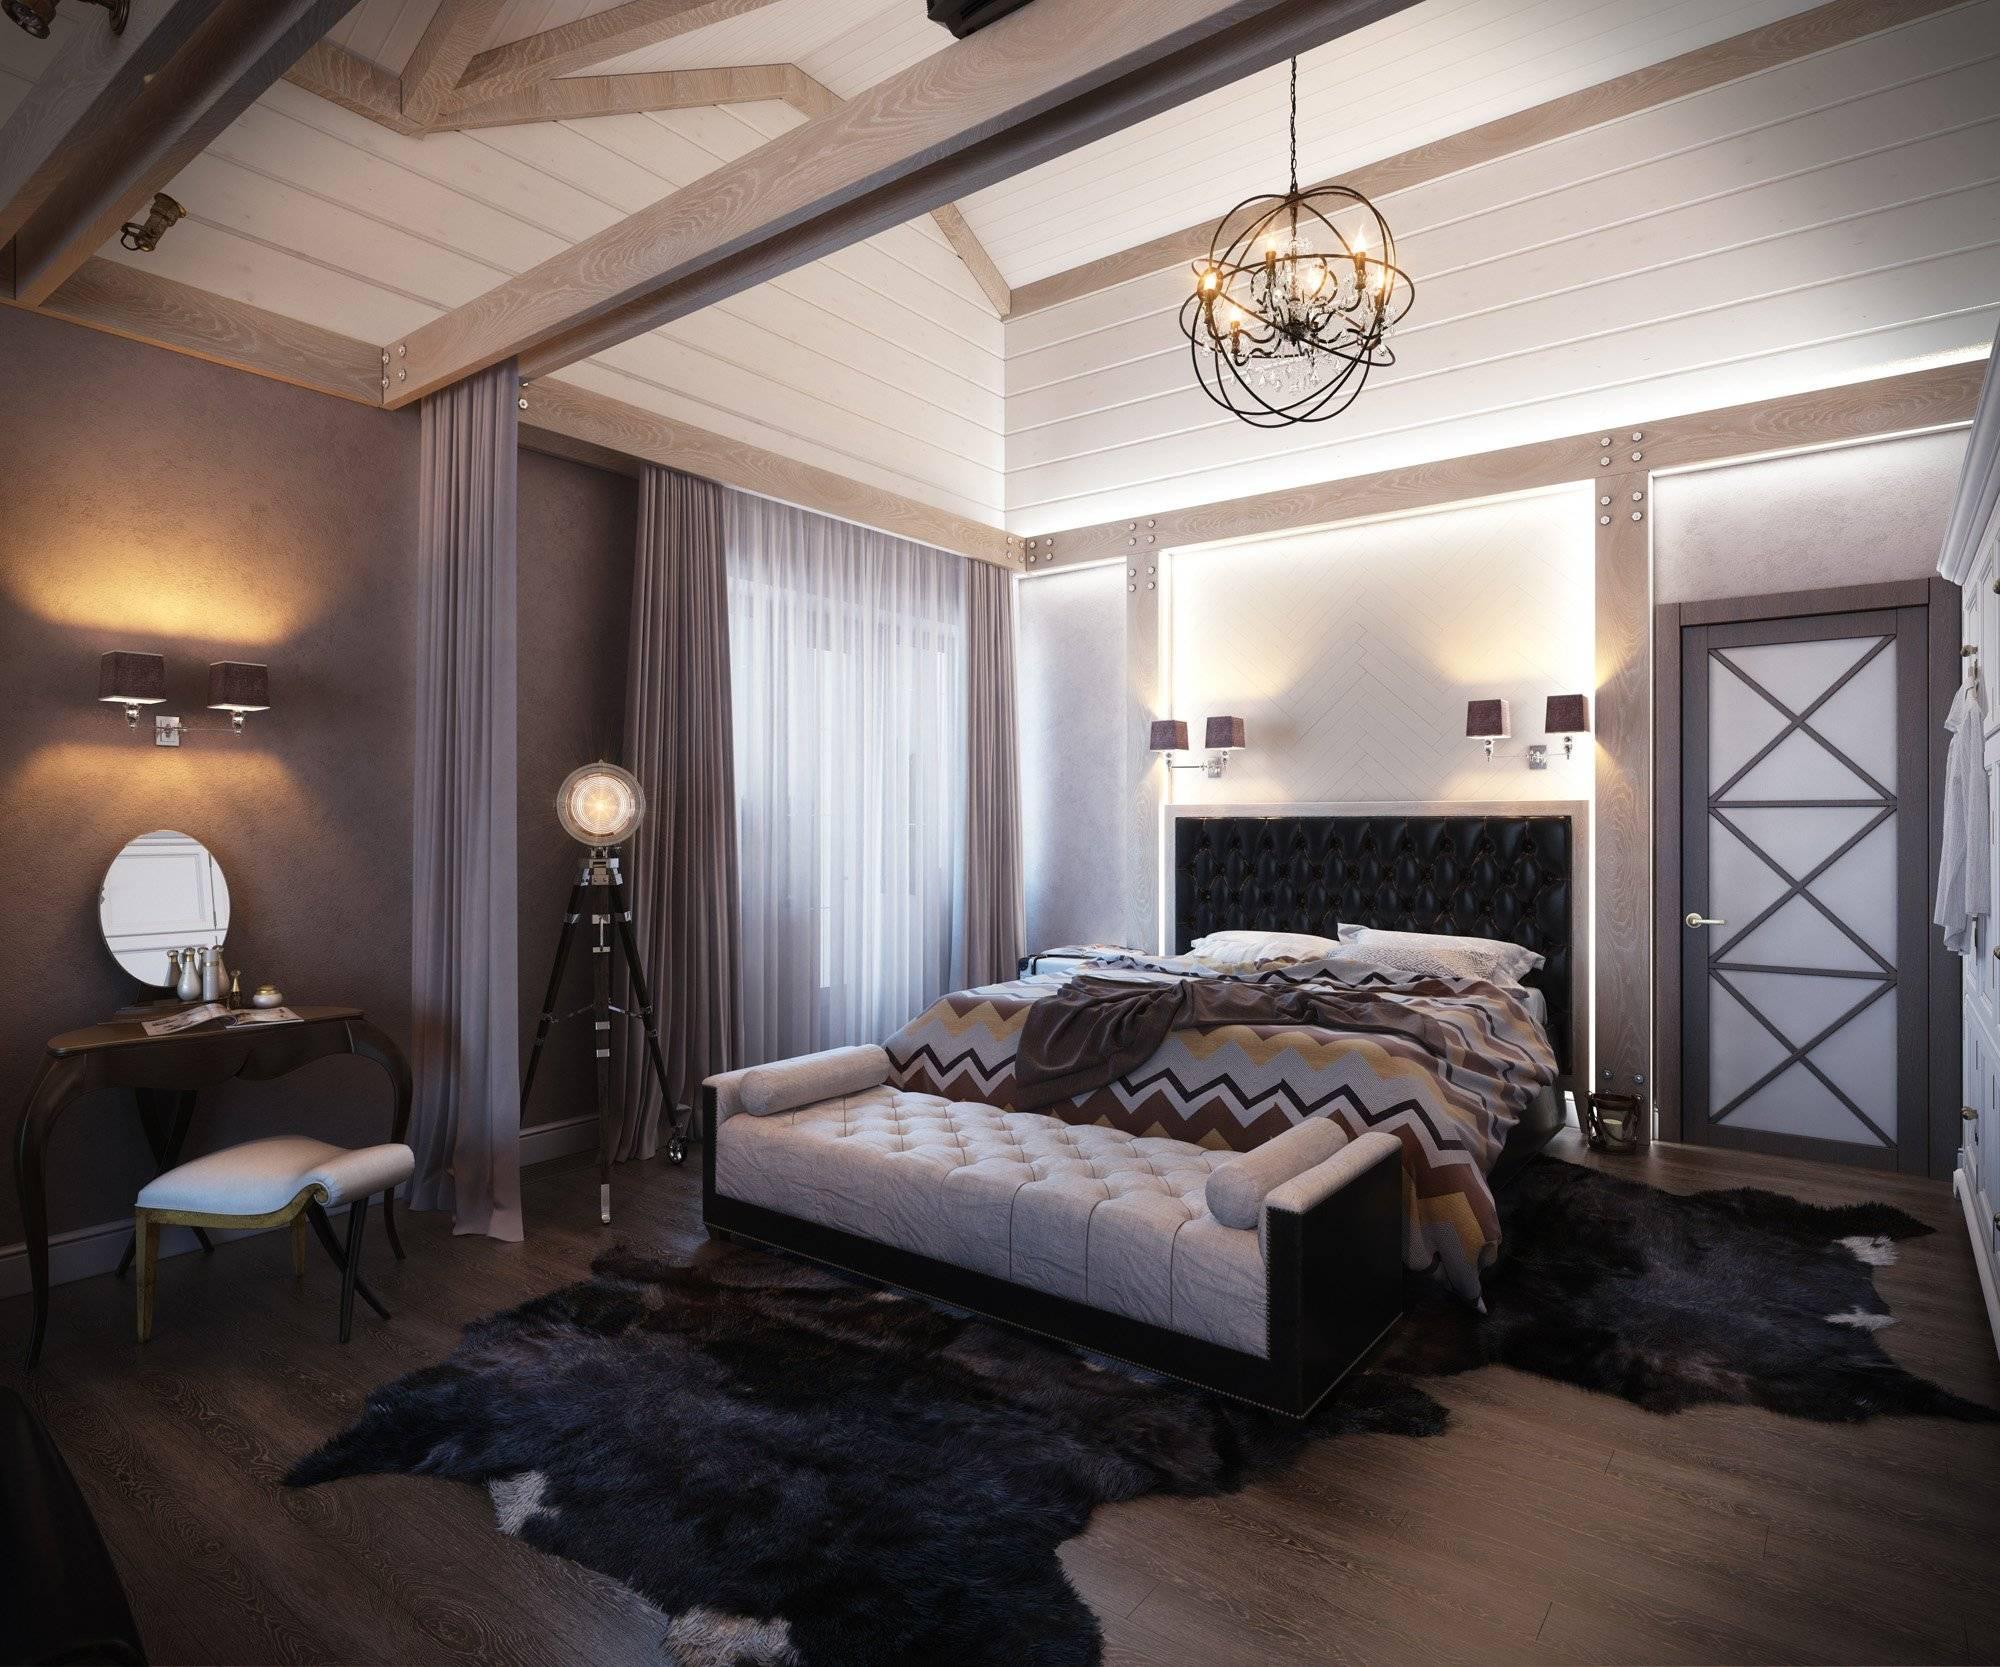 Дизайн прямоугольной спальни 16 кв.м. - 75 вариантов оформления